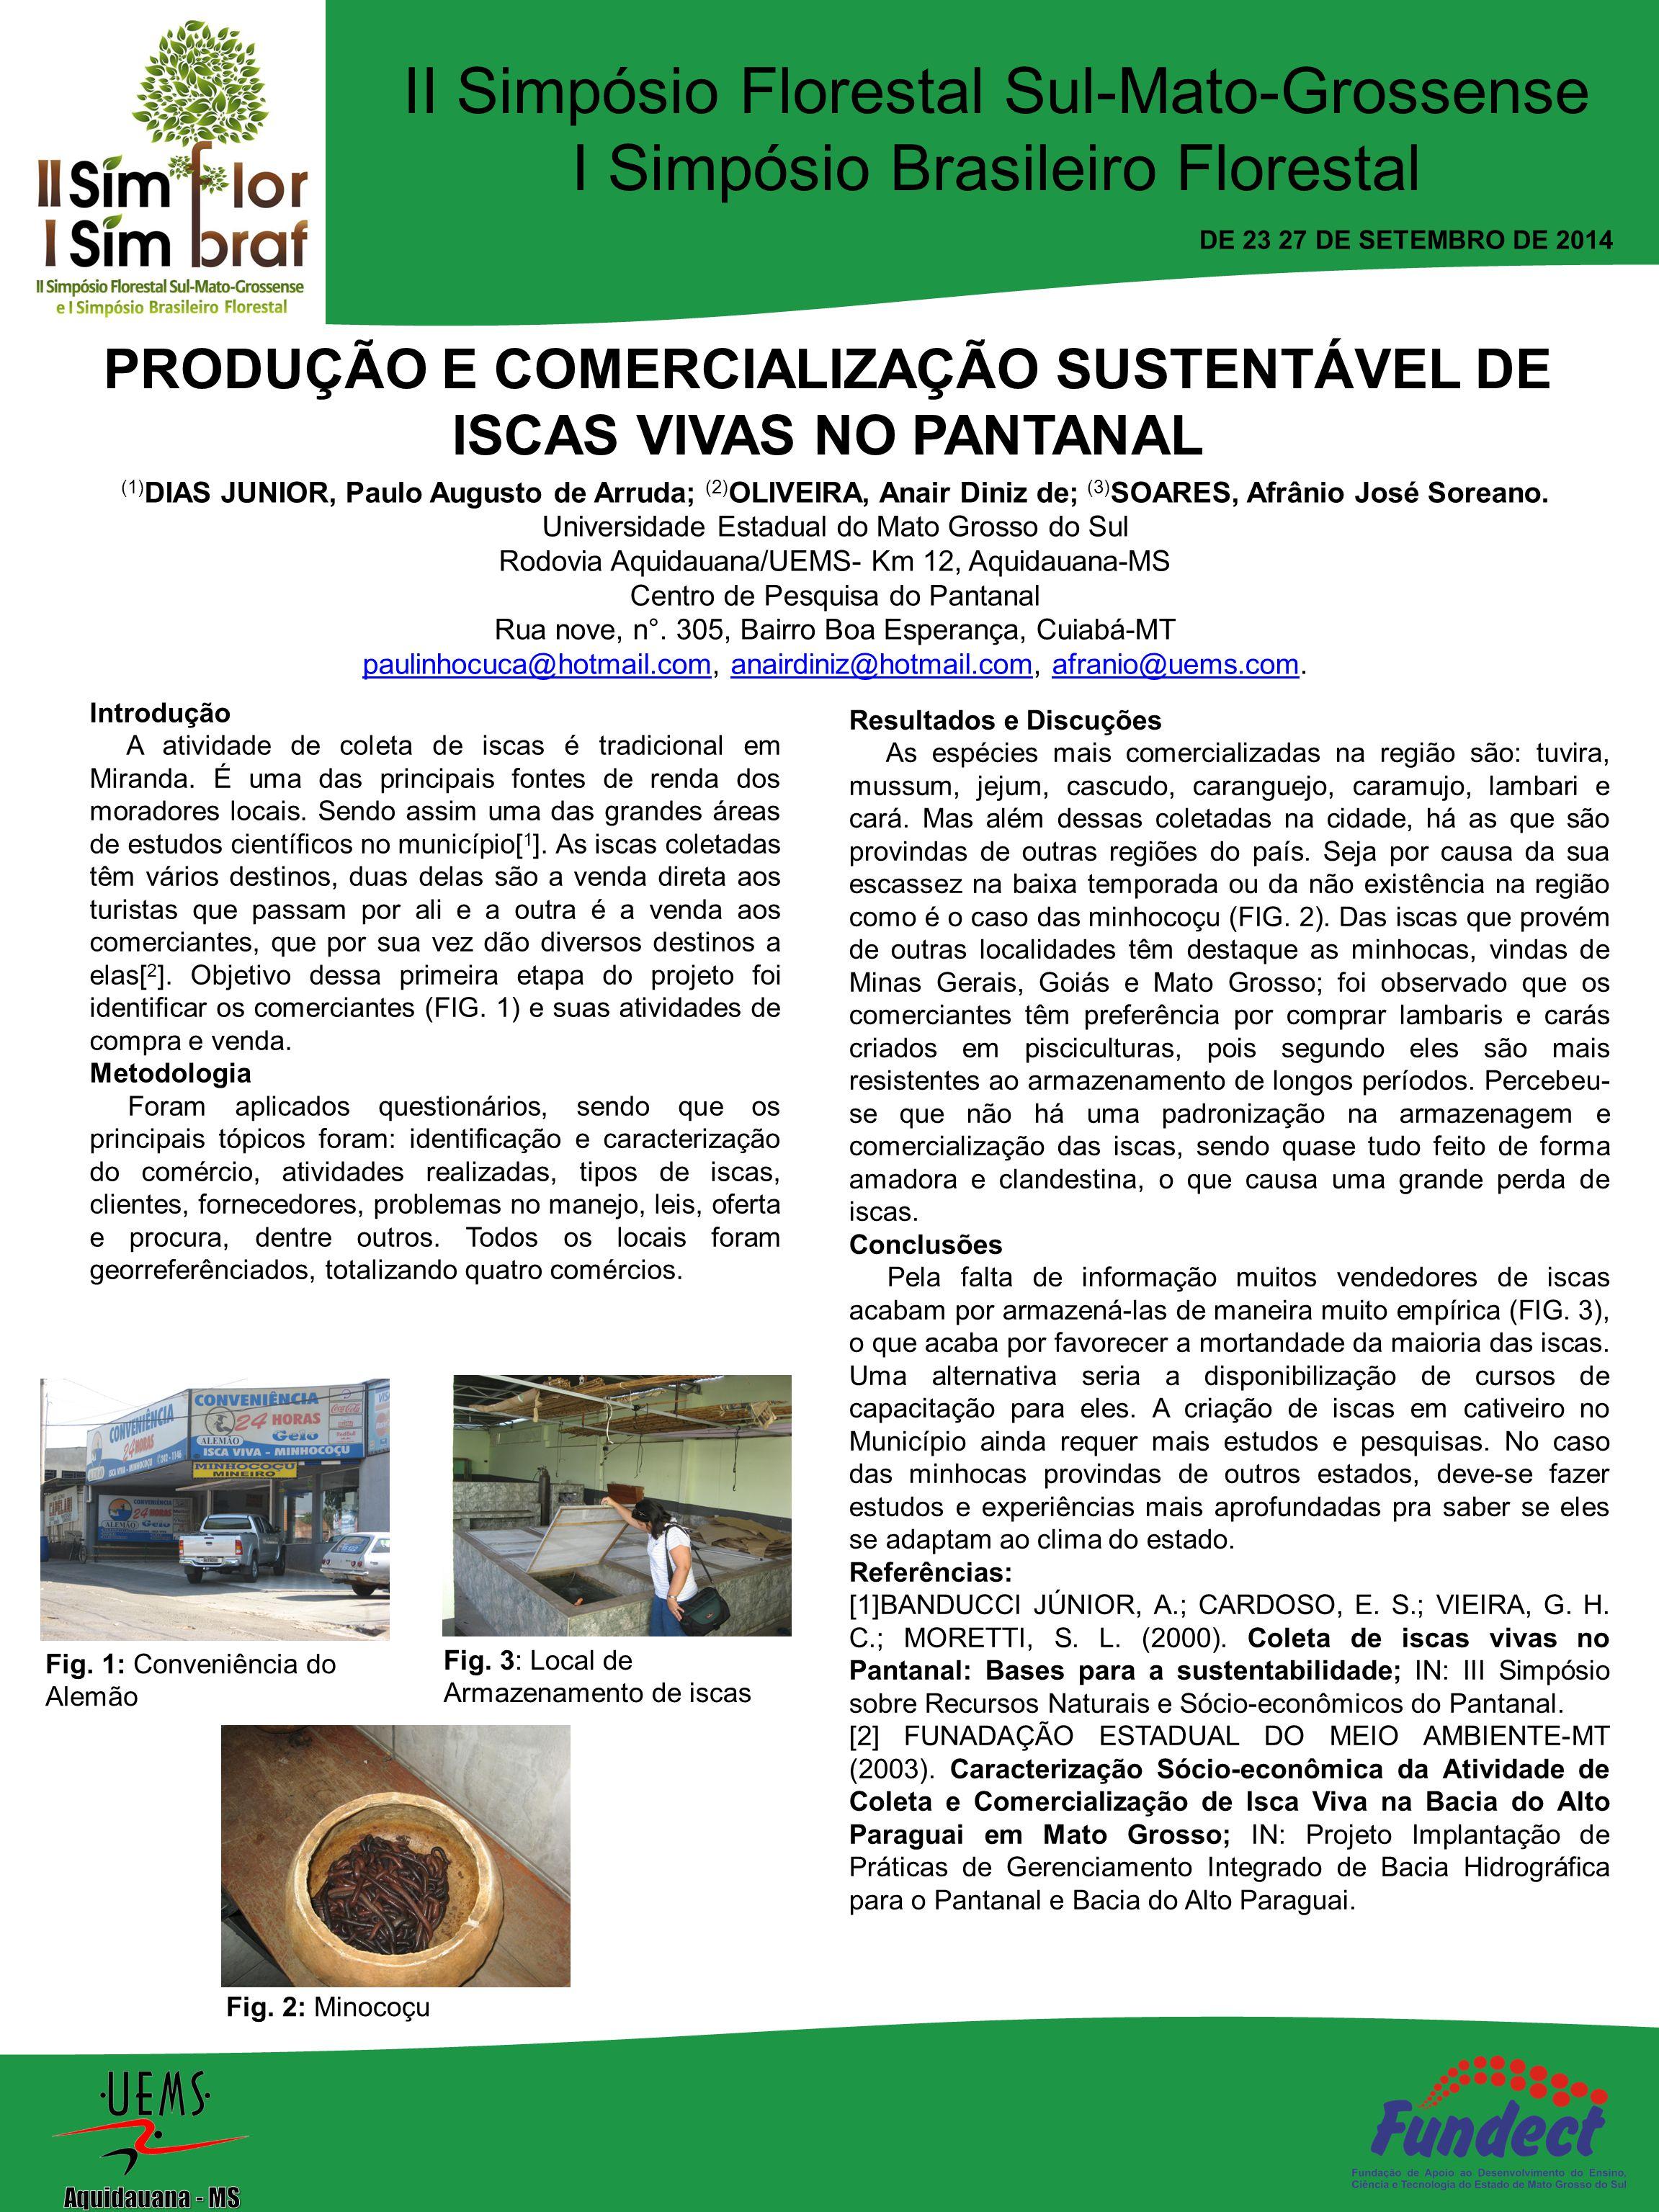 PRODUÇÃO E COMERCIALIZAÇÃO SUSTENTÁVEL DE ISCAS VIVAS NO PANTANAL (1) DIAS JUNIOR, Paulo Augusto de Arruda; (2) OLIVEIRA, Anair Diniz de; (3) SOARES, Afrânio José Soreano.